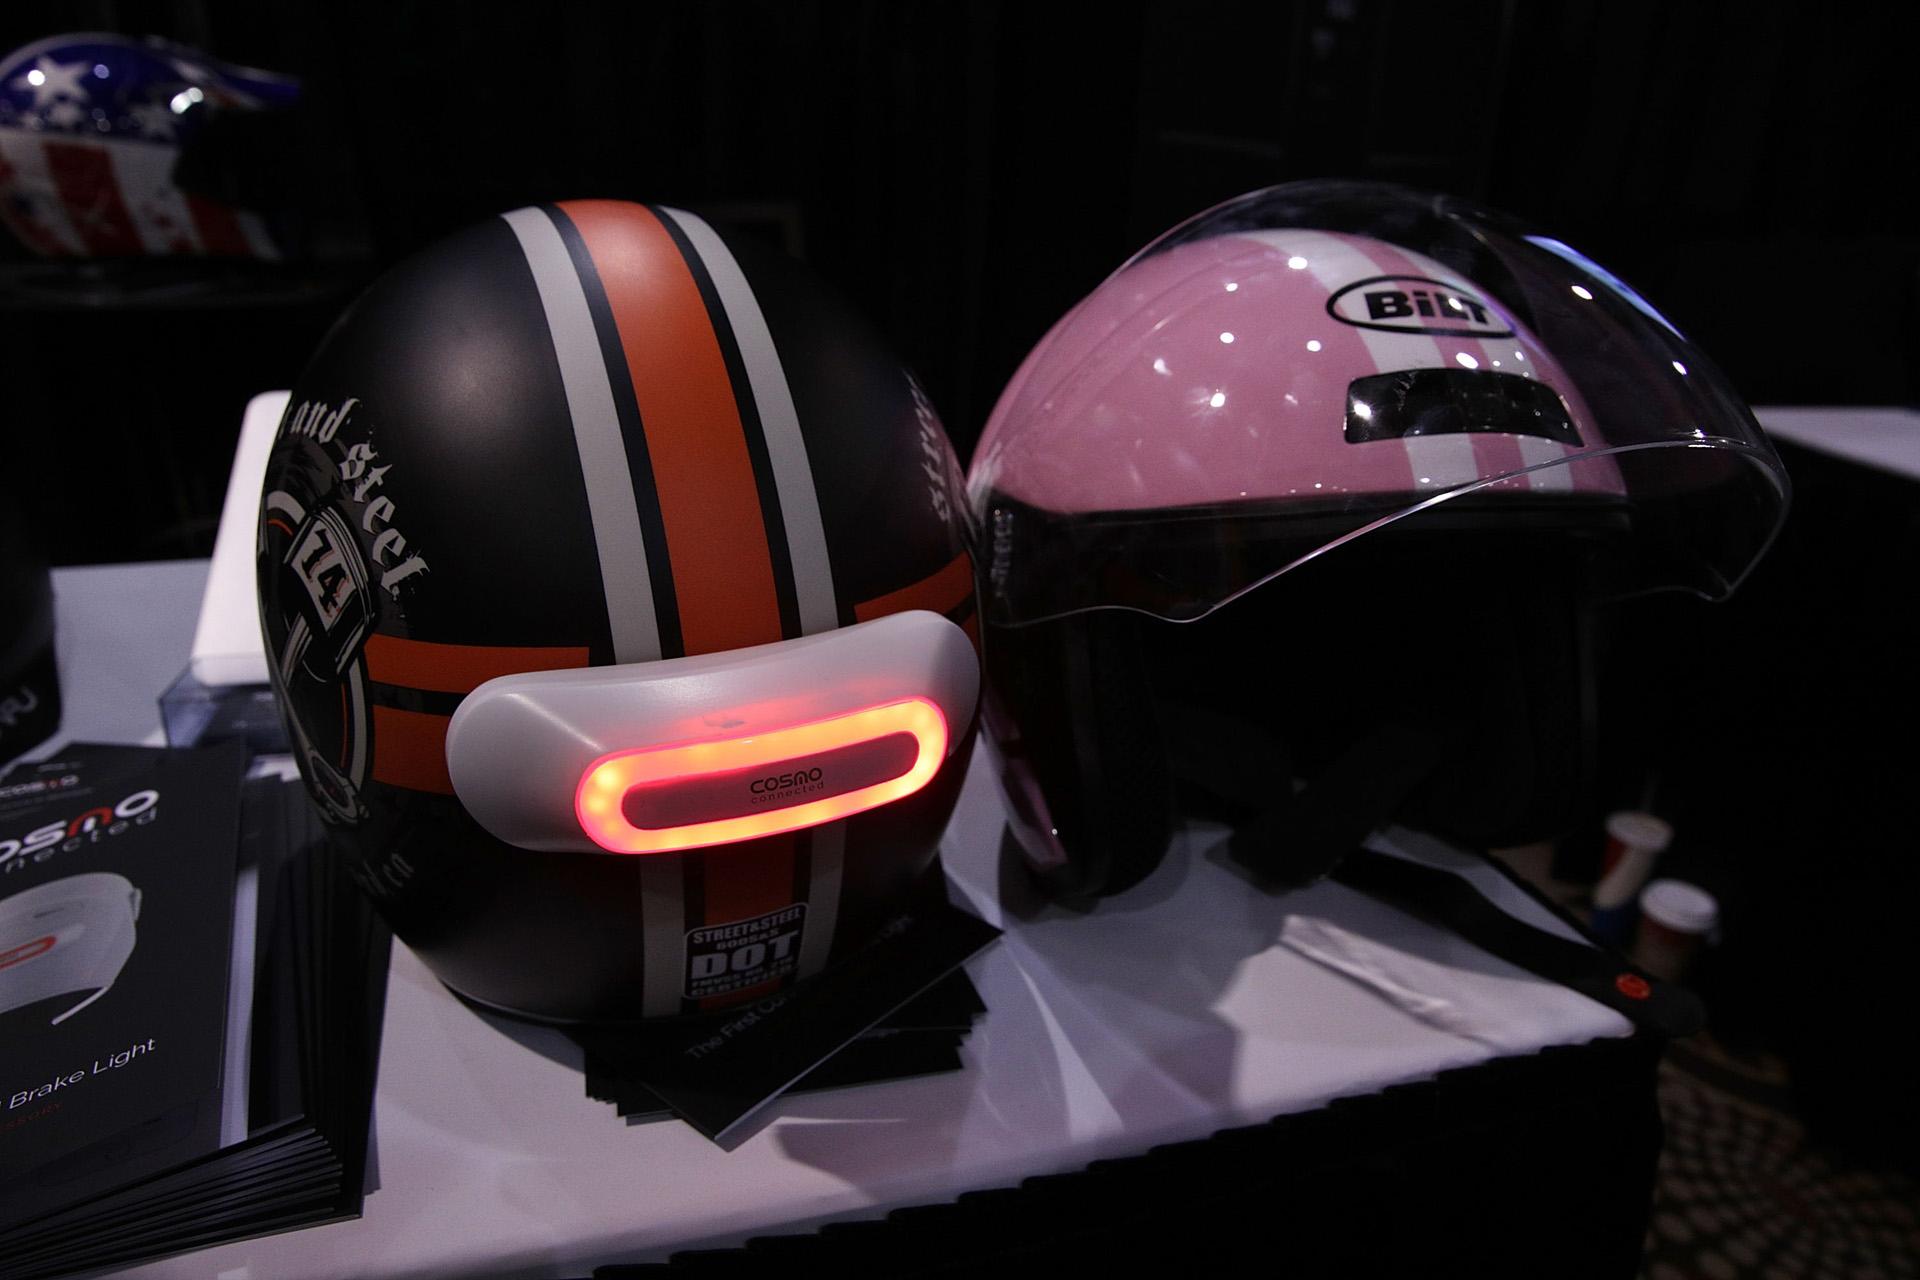 Cosmo Connected, una luz inteligente, con servicio de geolocalización que en envía una alerta en caso de accidentes. El dispositivo se puede añadir a cualquier caso de bicicleta o moto (Alex Wong/Getty Images/AFP).